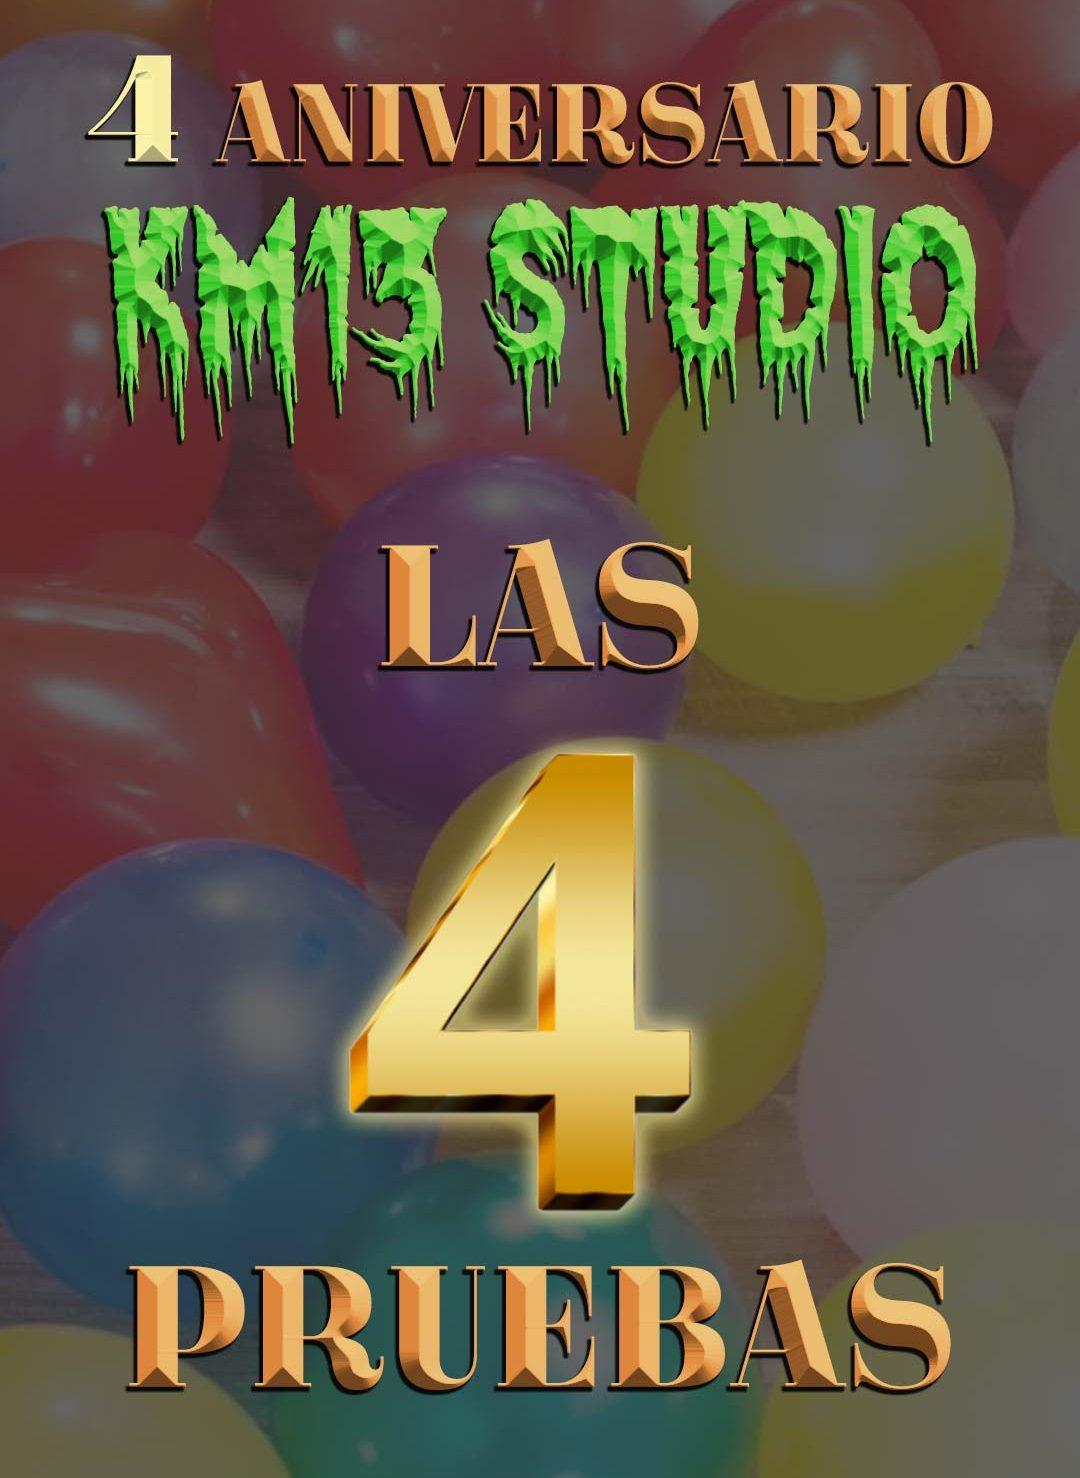 4 aniversario de km13 studio